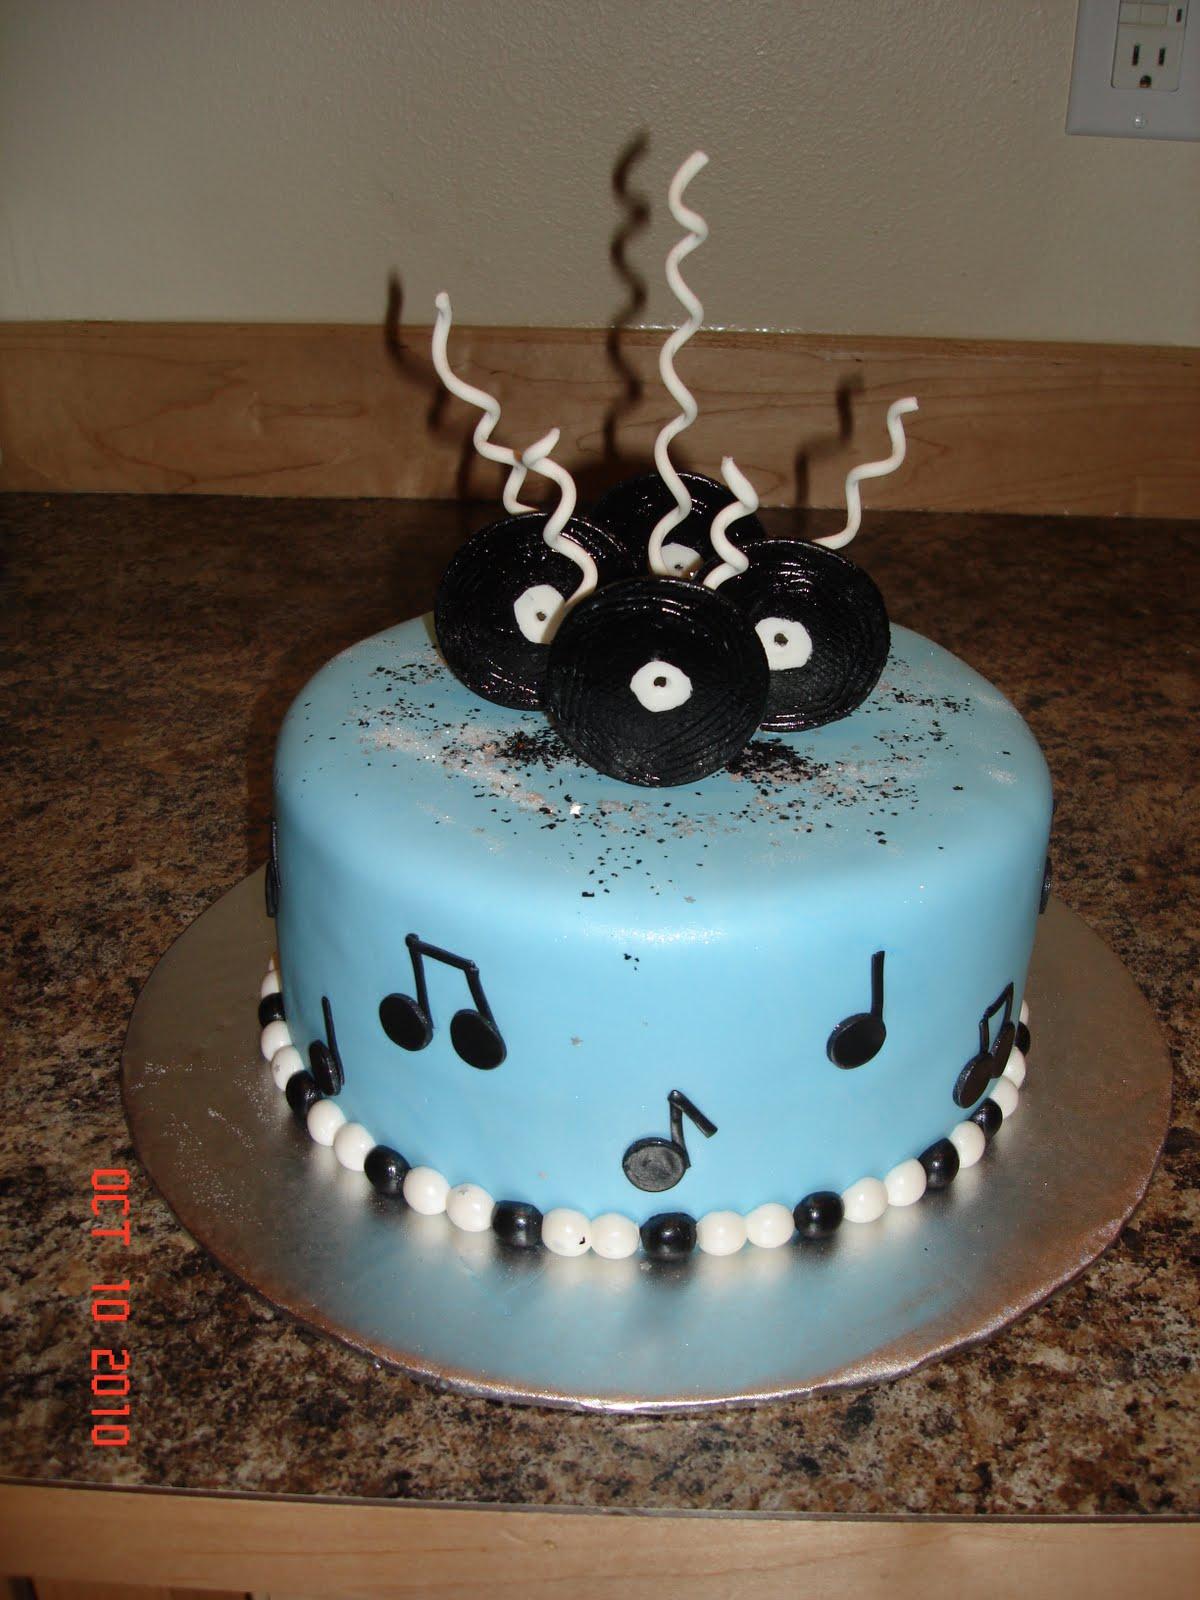 Cake Designs For Musicians Jpg 1200x1600